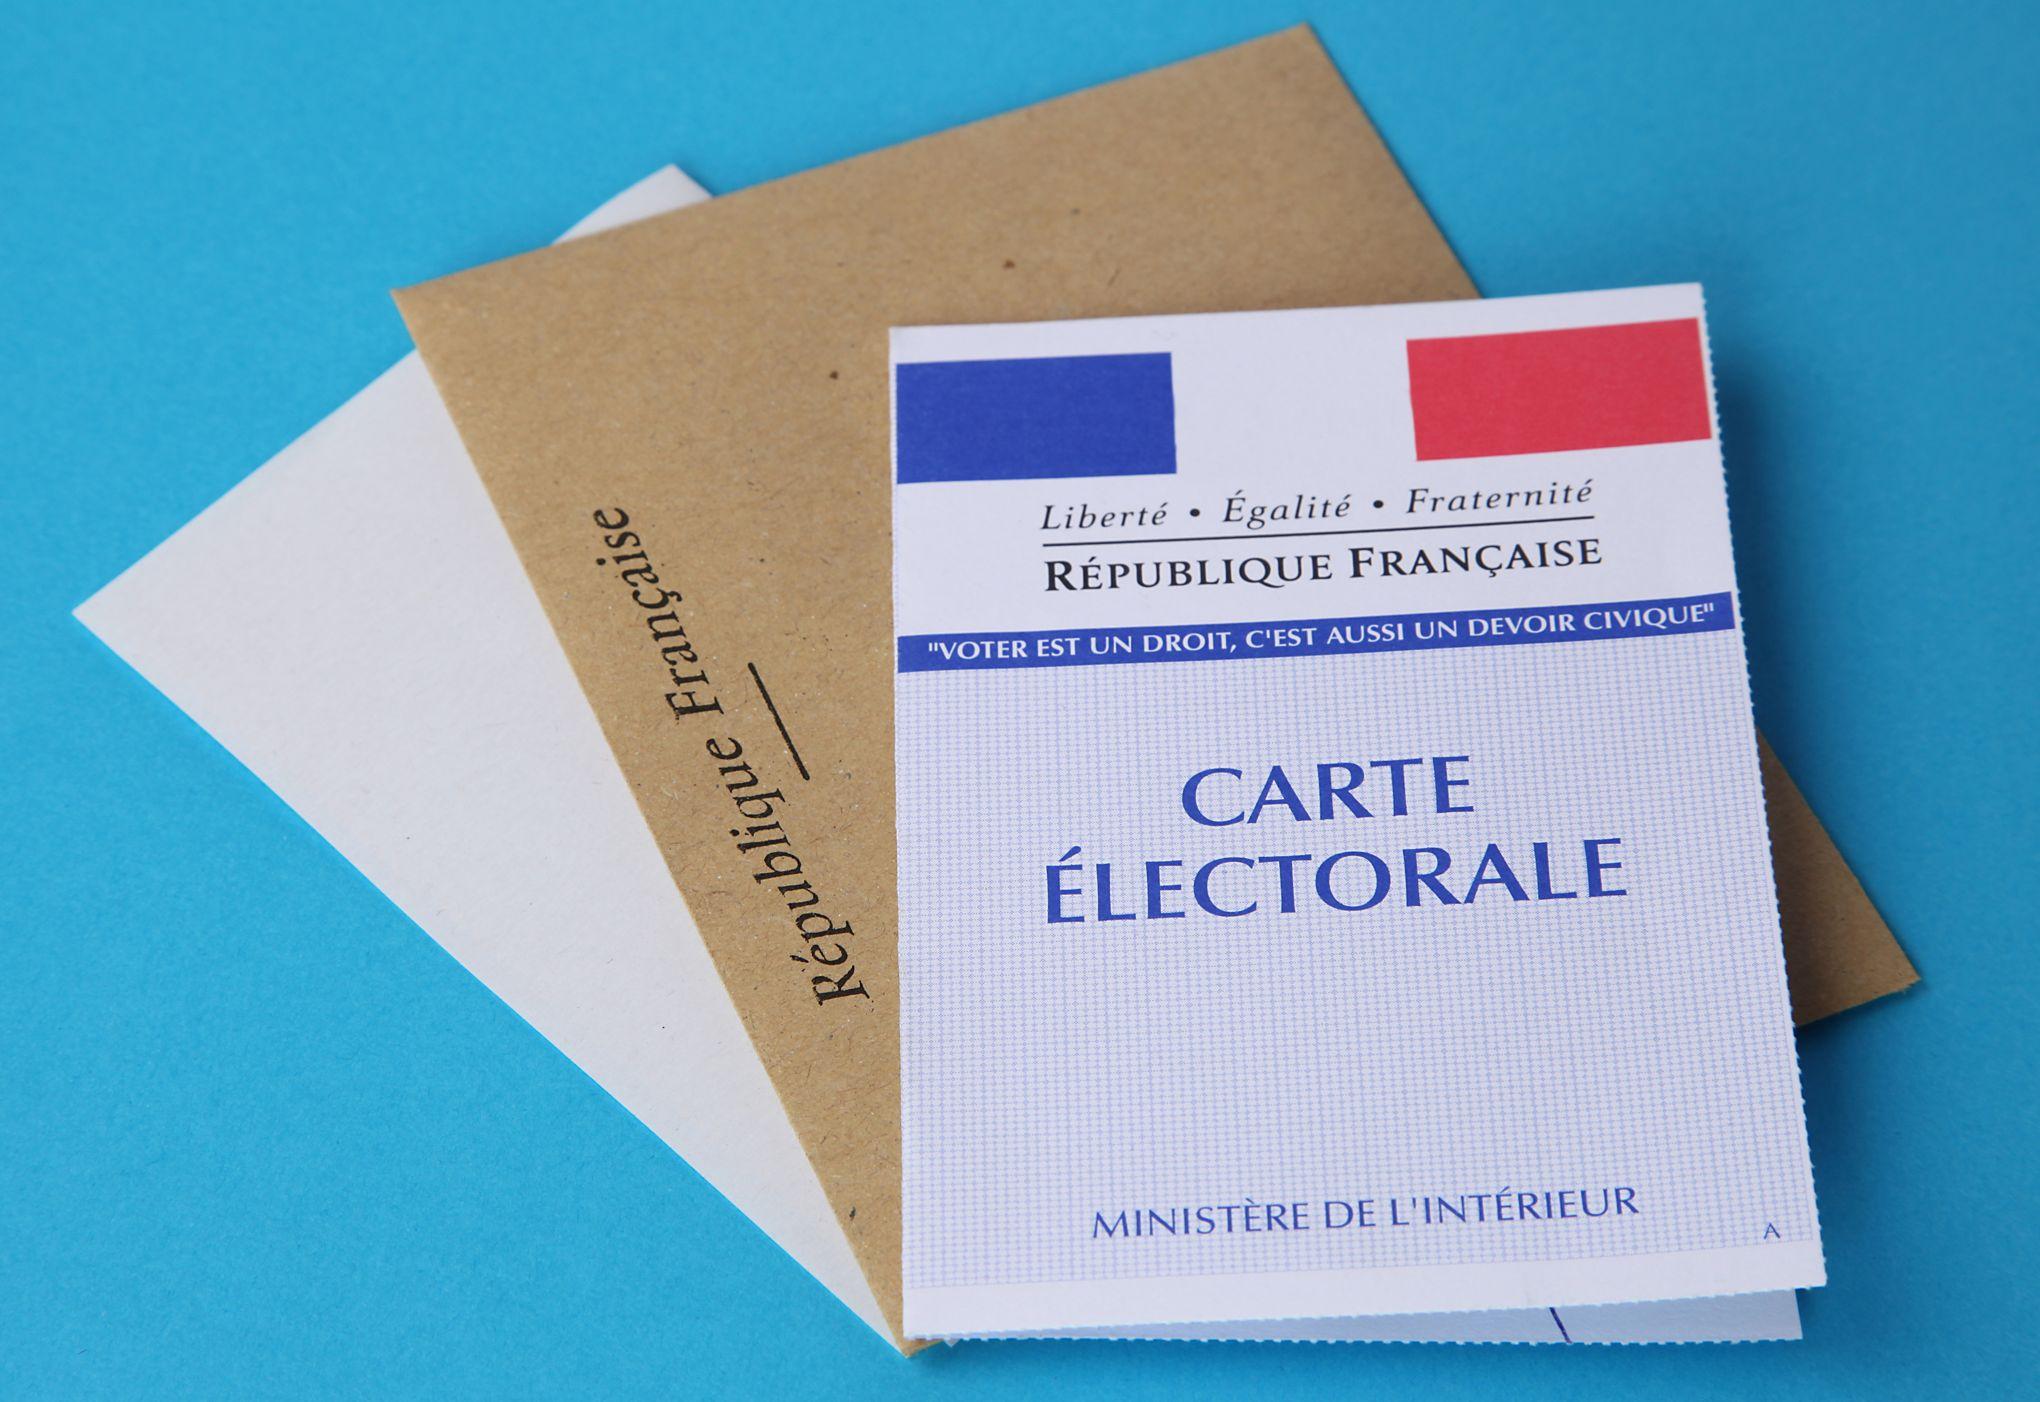 La Liste Des Pieces D Identite A Presenter Pour Voter Aux Elections